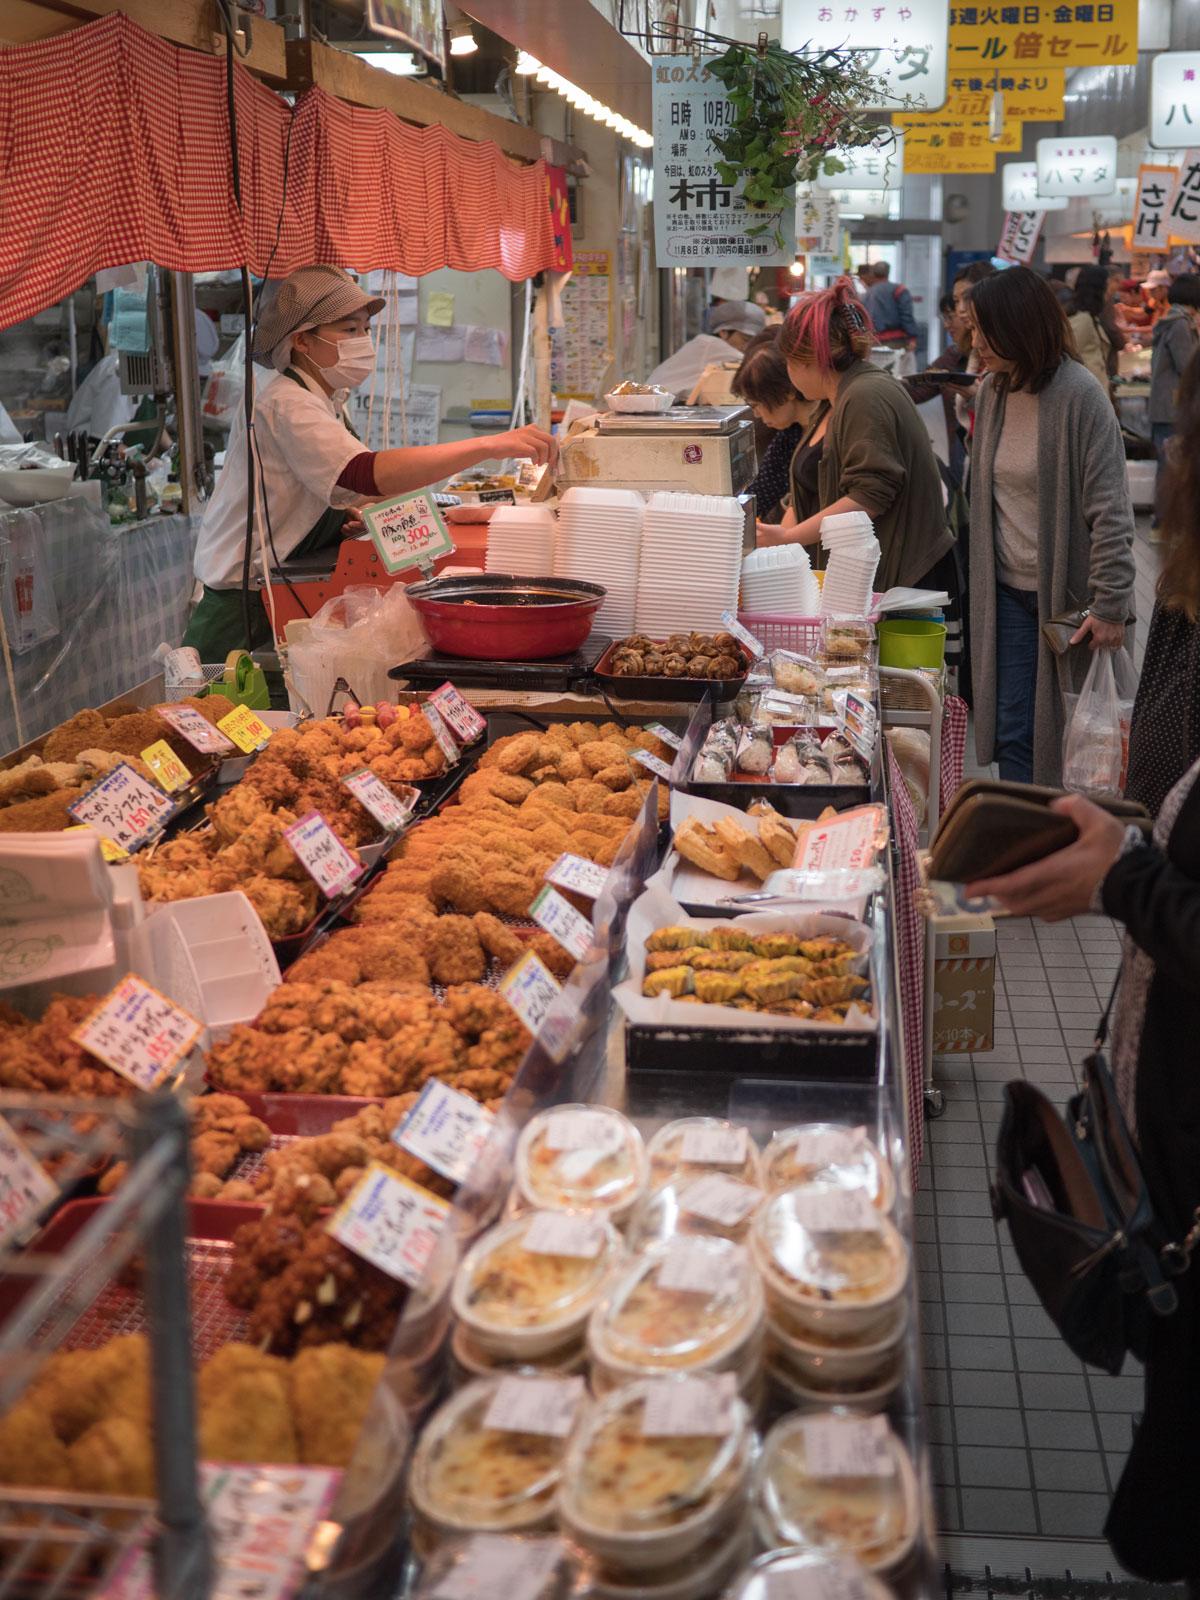 弘前「虹のマート」焼き魚の店とは反対側の一角の惣菜屋 撮影:DMC-GX8 + LEICA DG 12-60mm